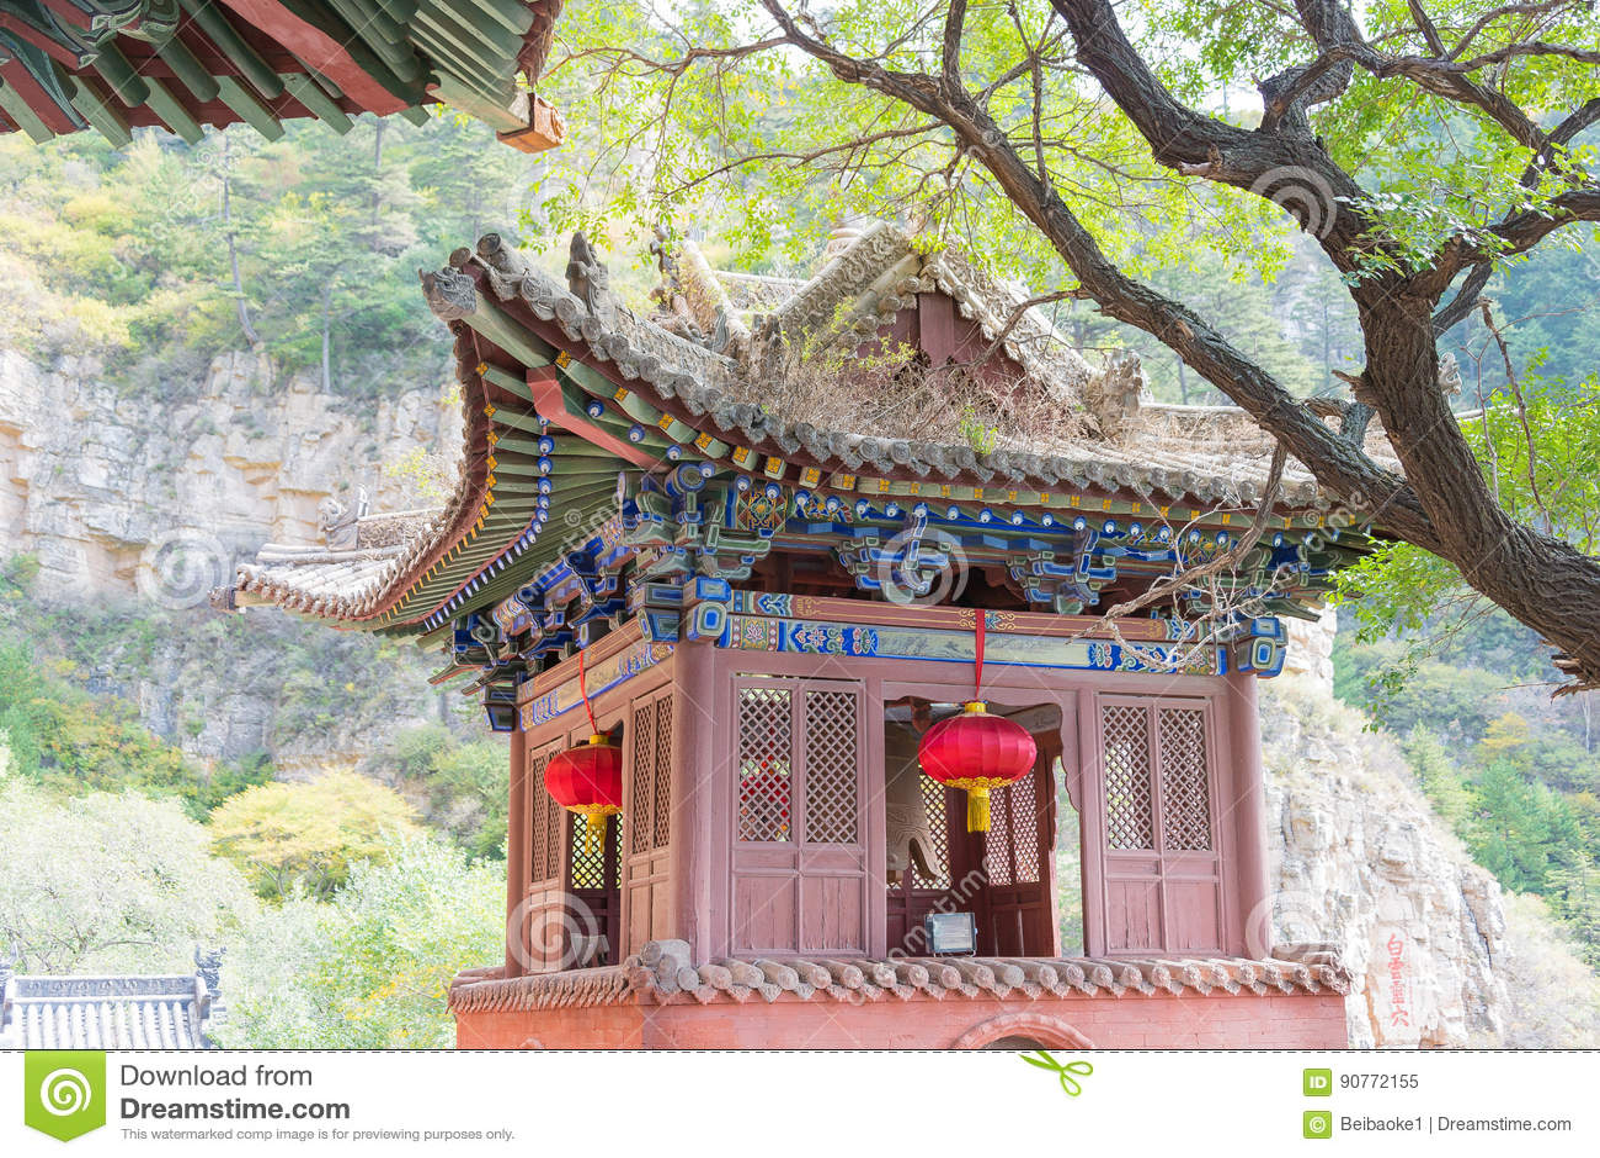 SHANXI, CINA - il 19 settembre 2015: Heng Shan un sito storico famoso